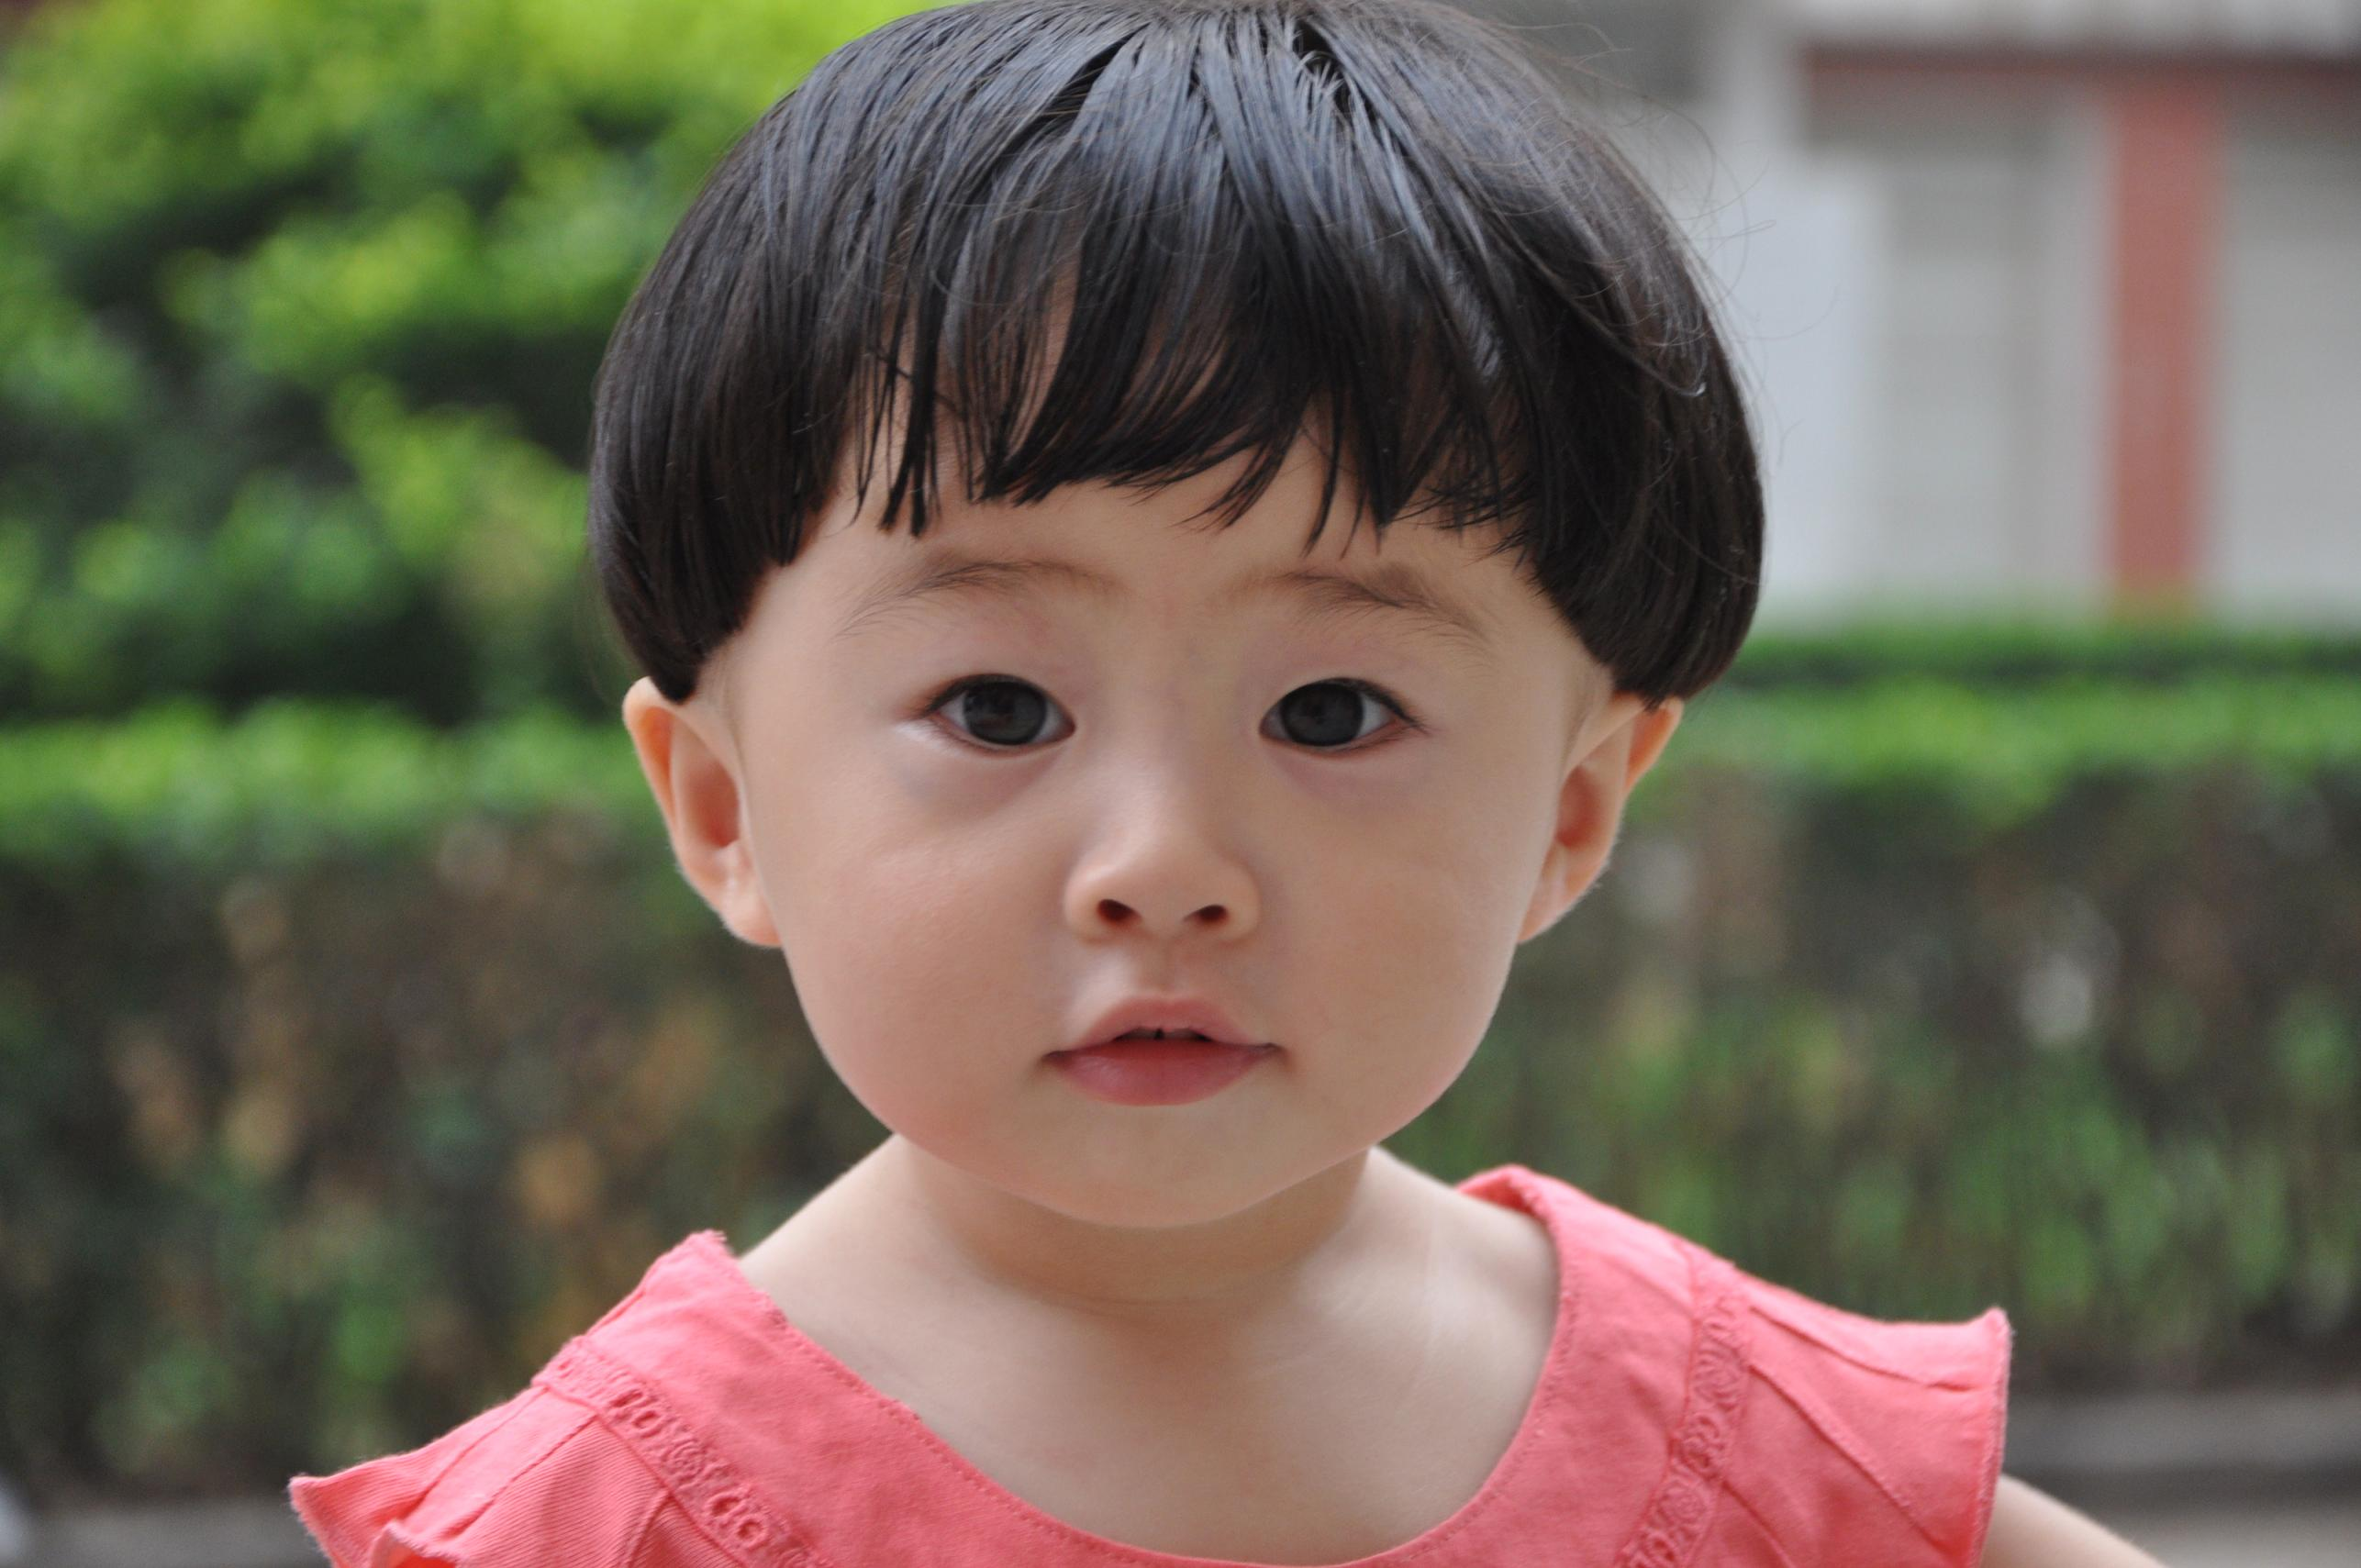 男婴幼儿新发型分享展示